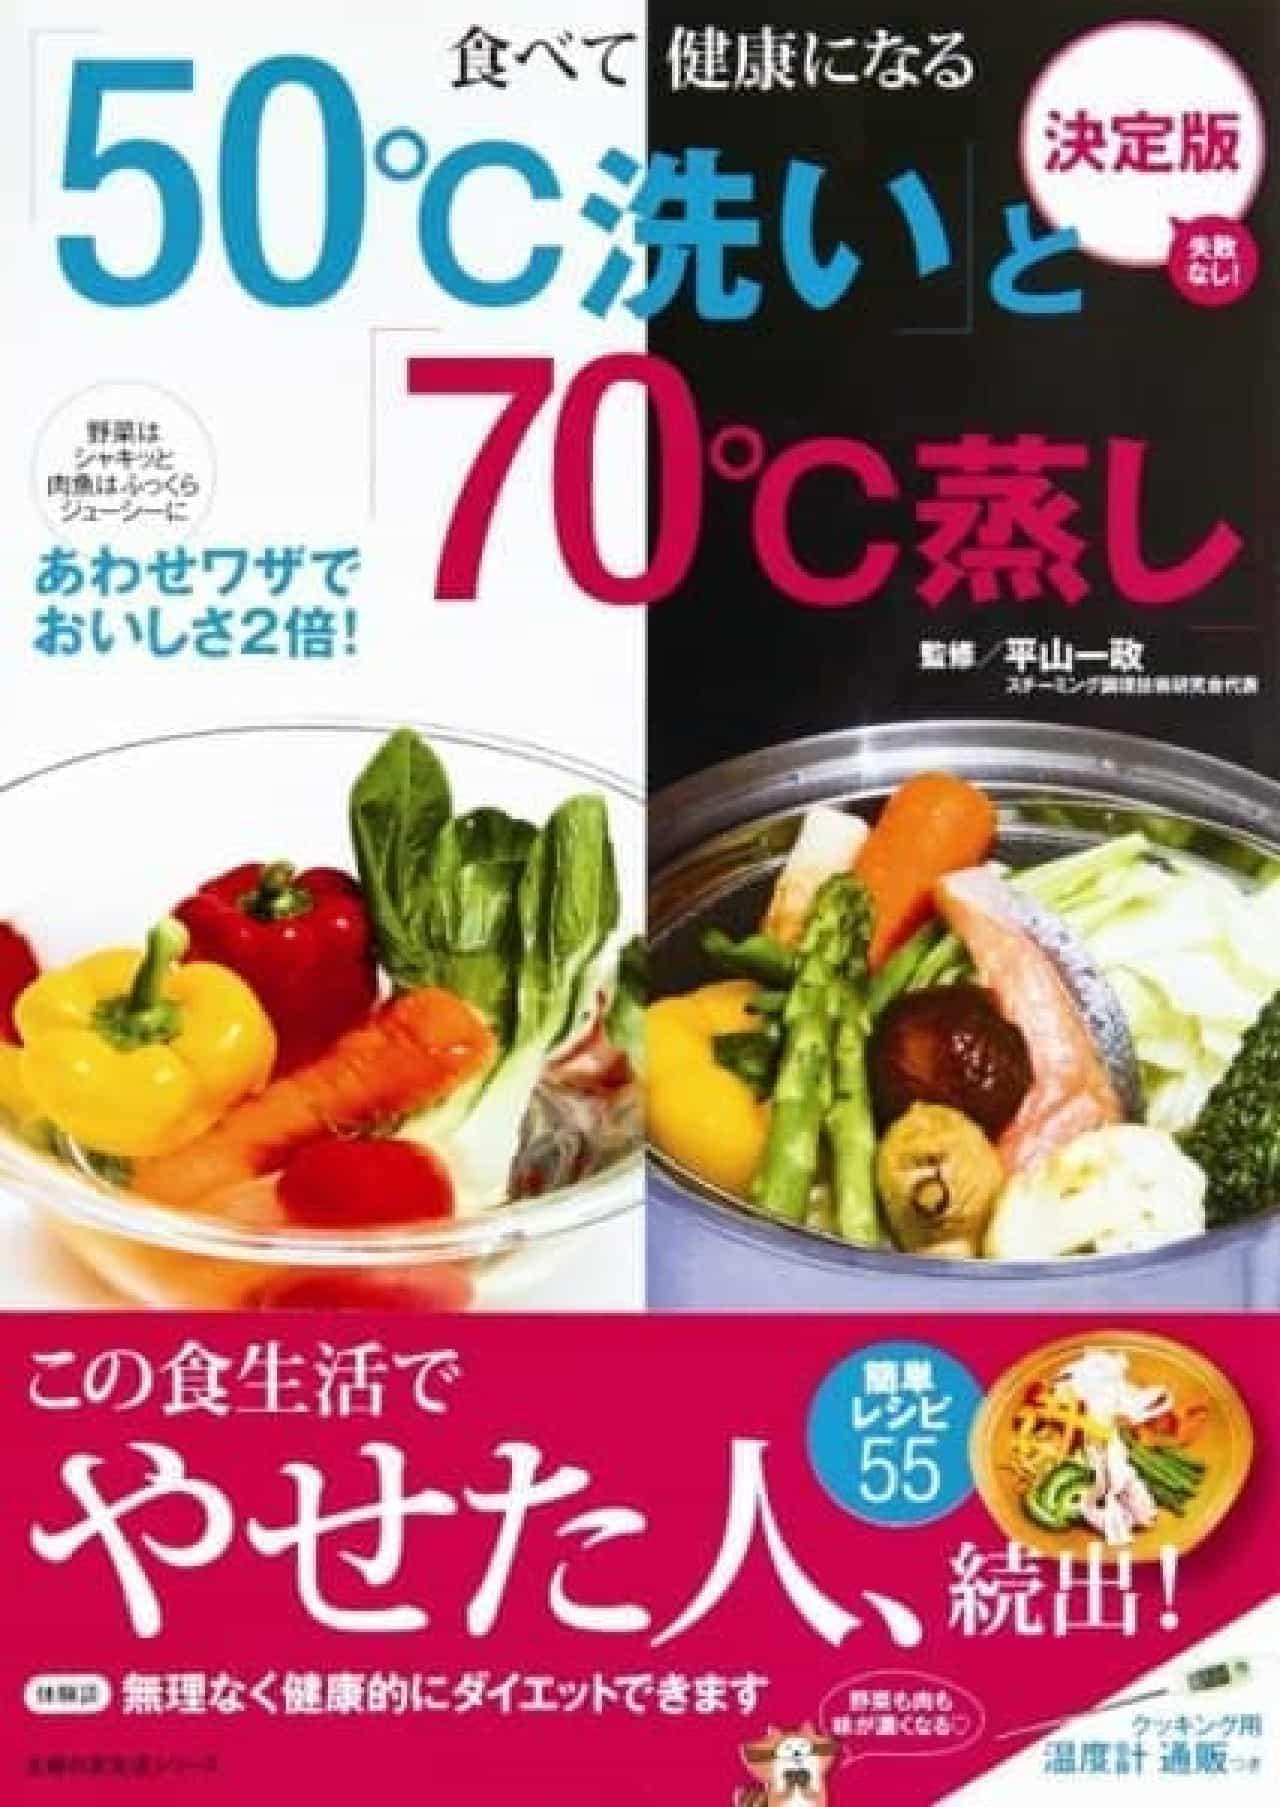 話題の「50℃ 洗い」「70℃ 蒸し」などの温度調理法を網羅した一冊が発売!